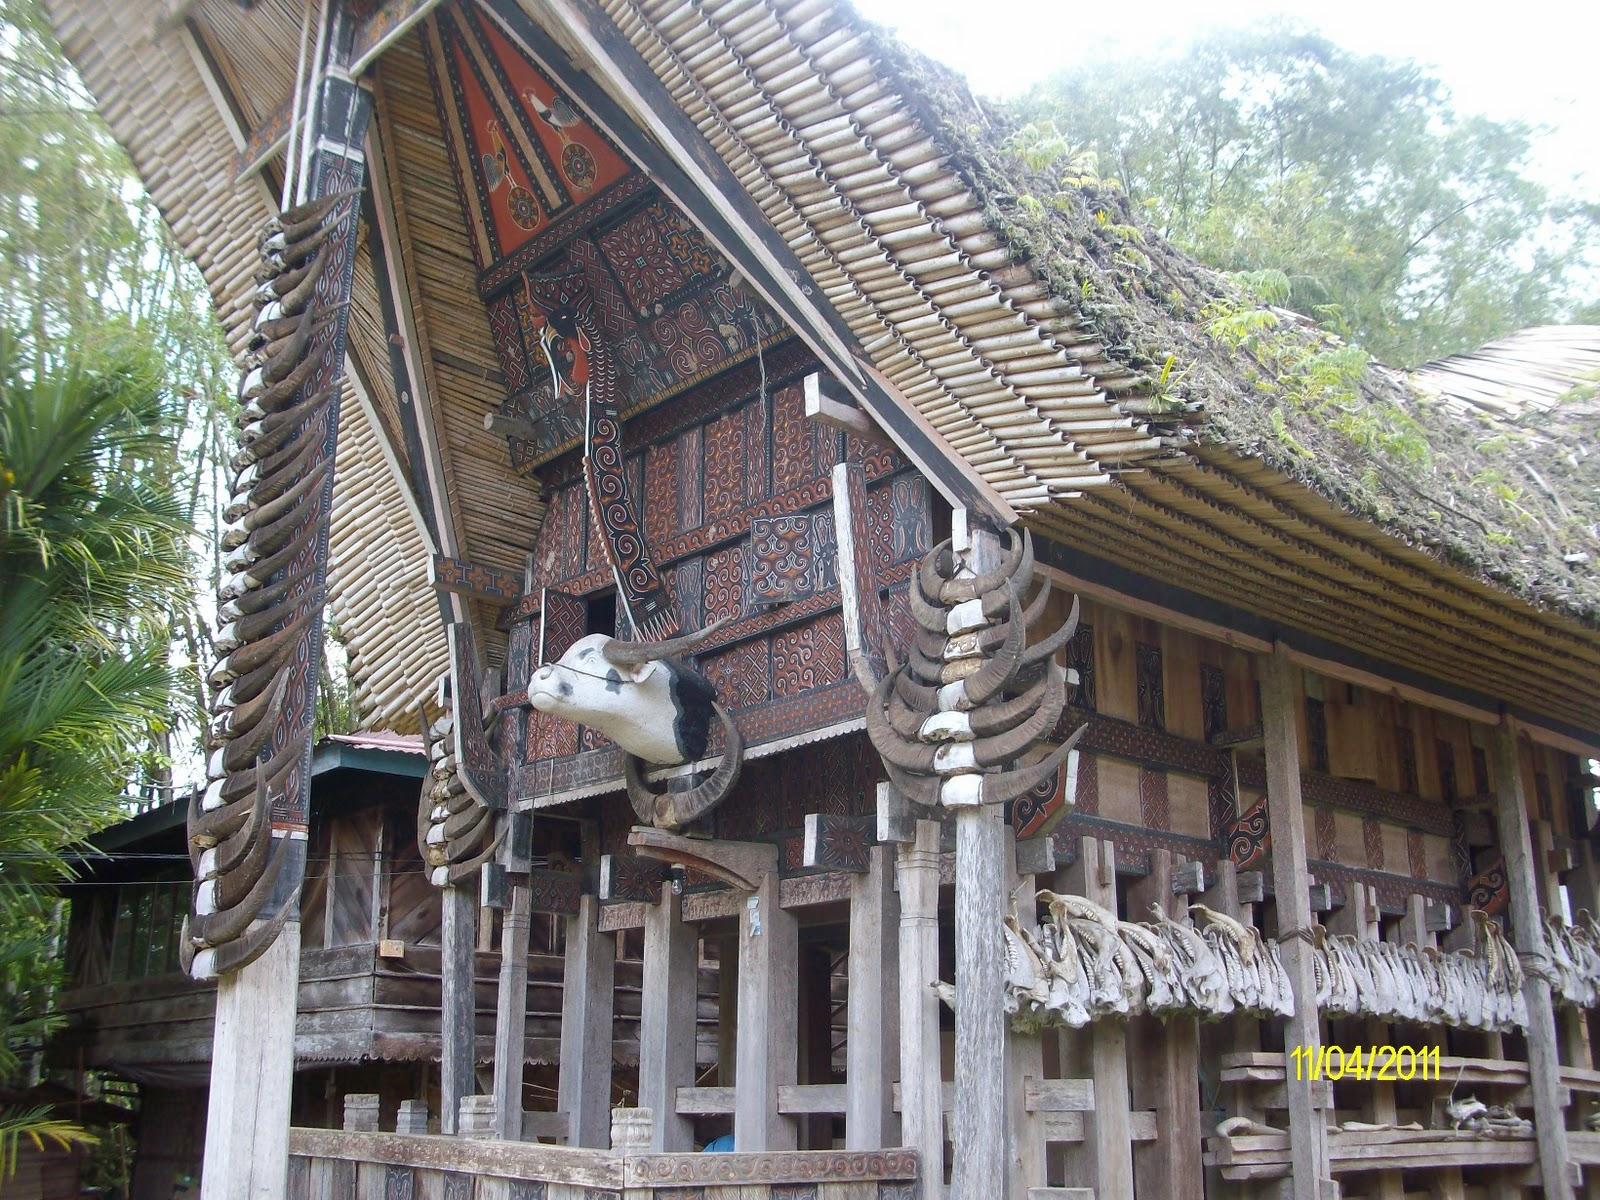 Download this Berwisata Tana Toraja Bagian Rumah Tongkonan Kete Kesu picture